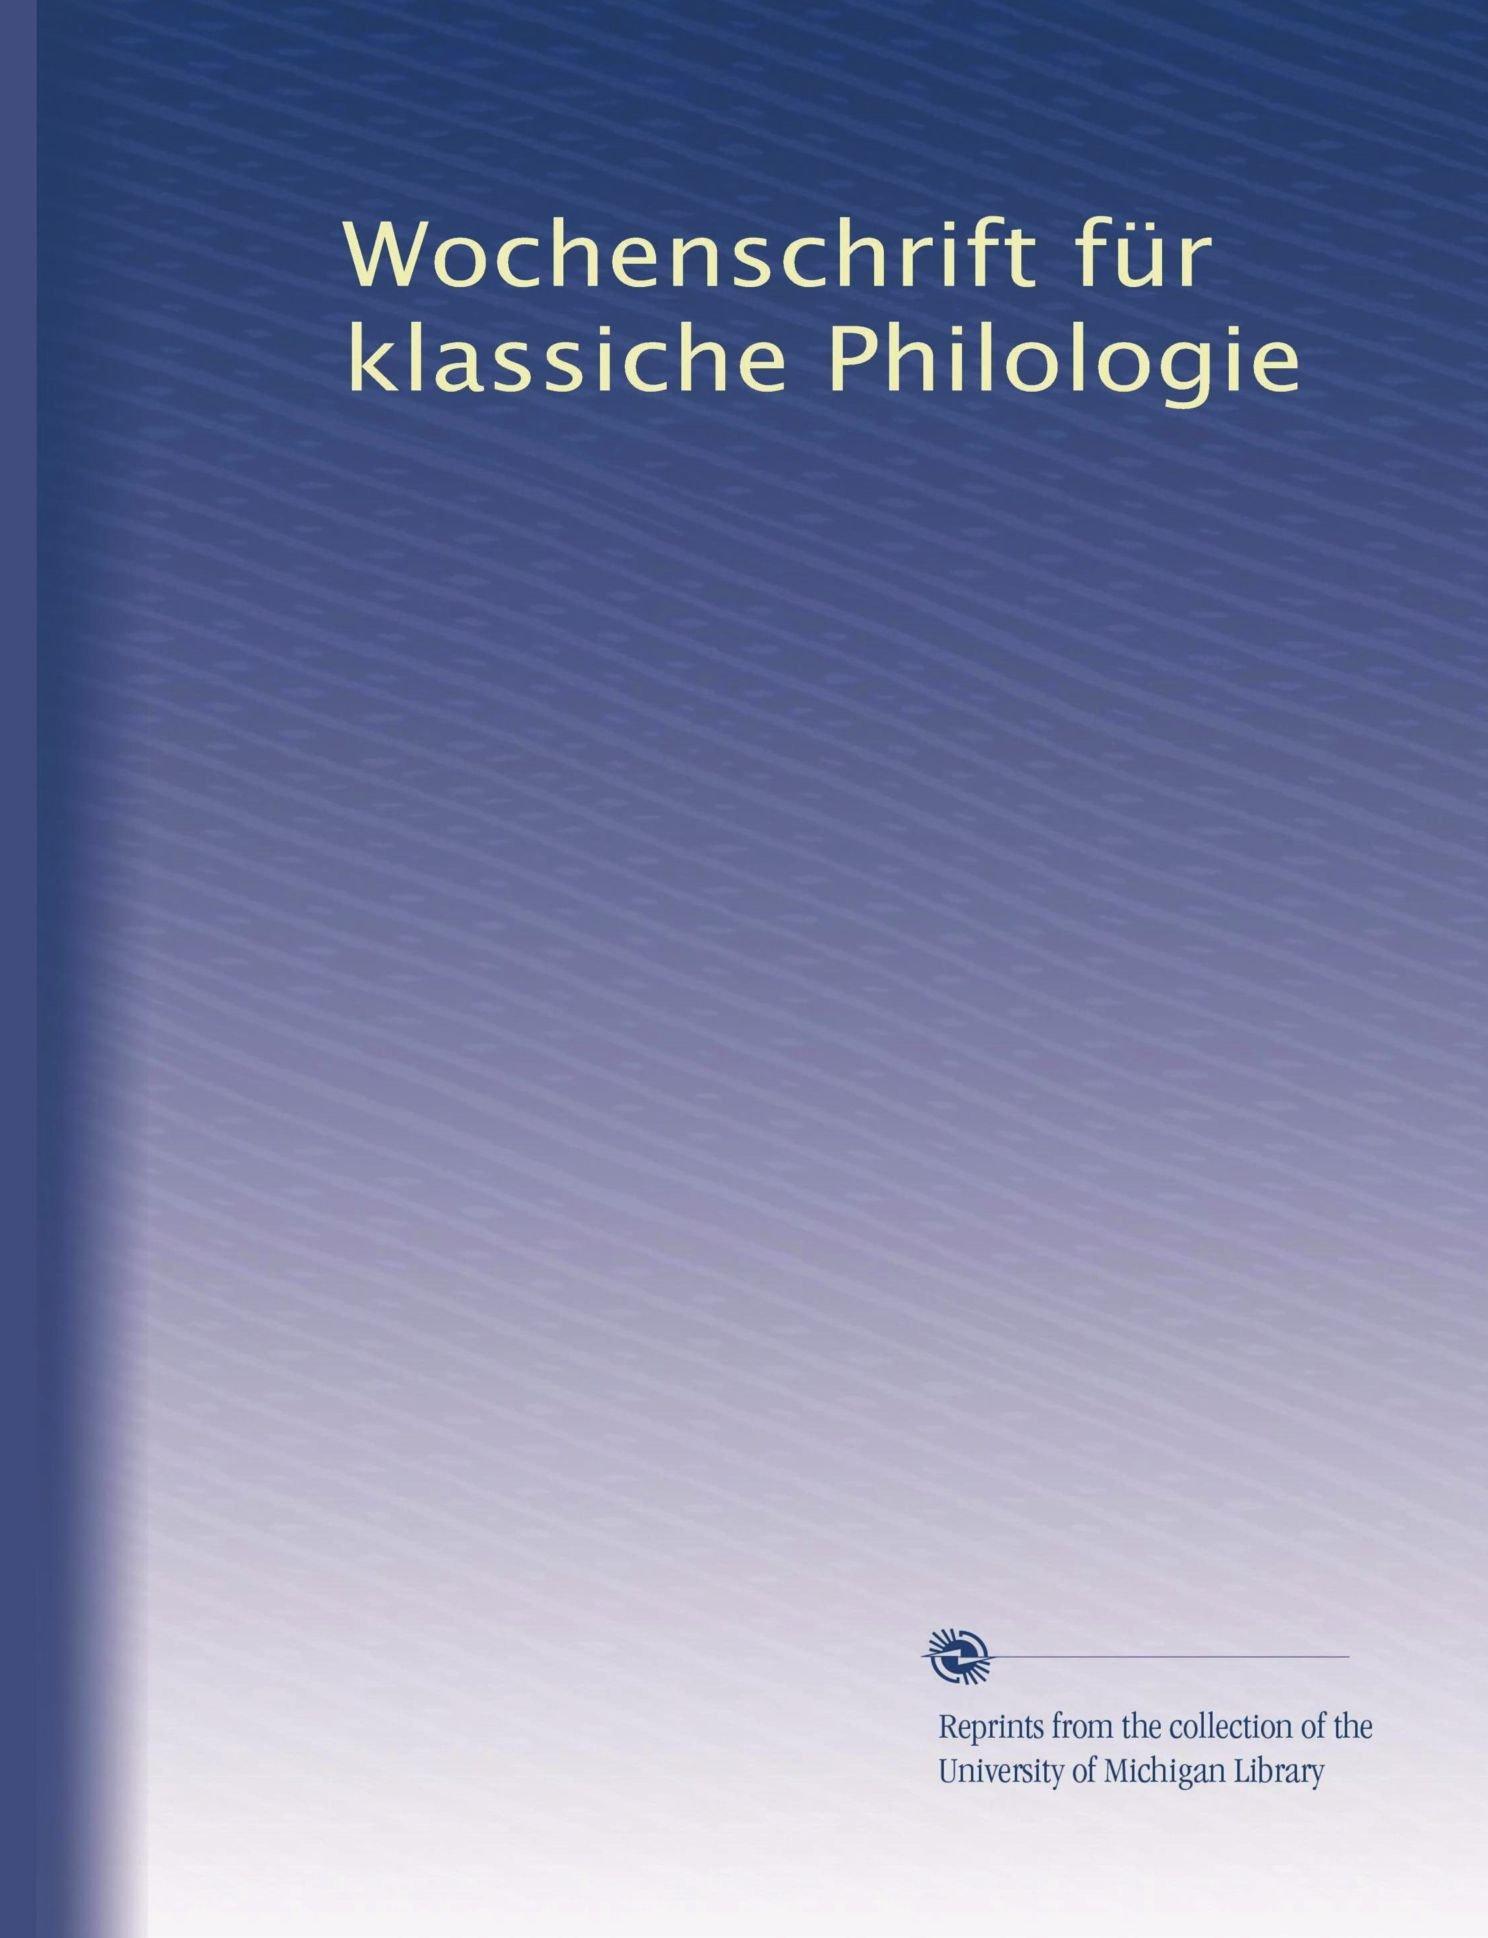 Wochenschrift für klassiche Philologie (German Edition) ebook